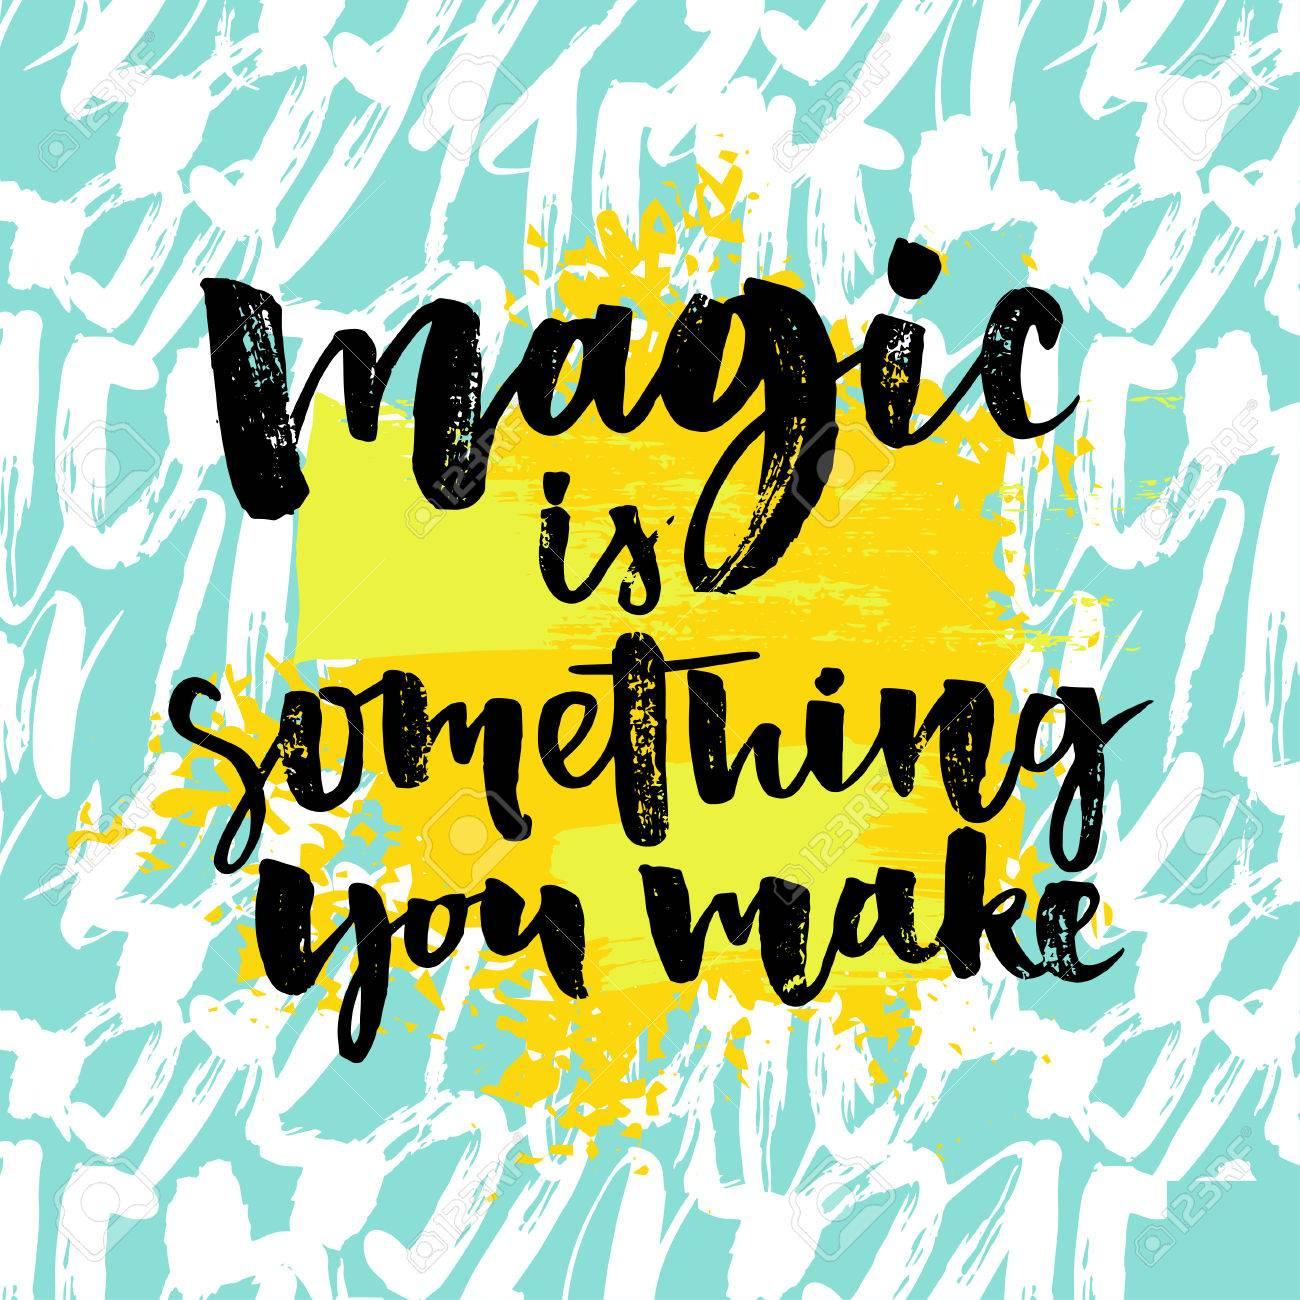 Magia es algo que haces  La inspiración frase acerca de la vida y el amor   el texto de la caligrafía moderna, pincel y tinta de escritura a mano sobre